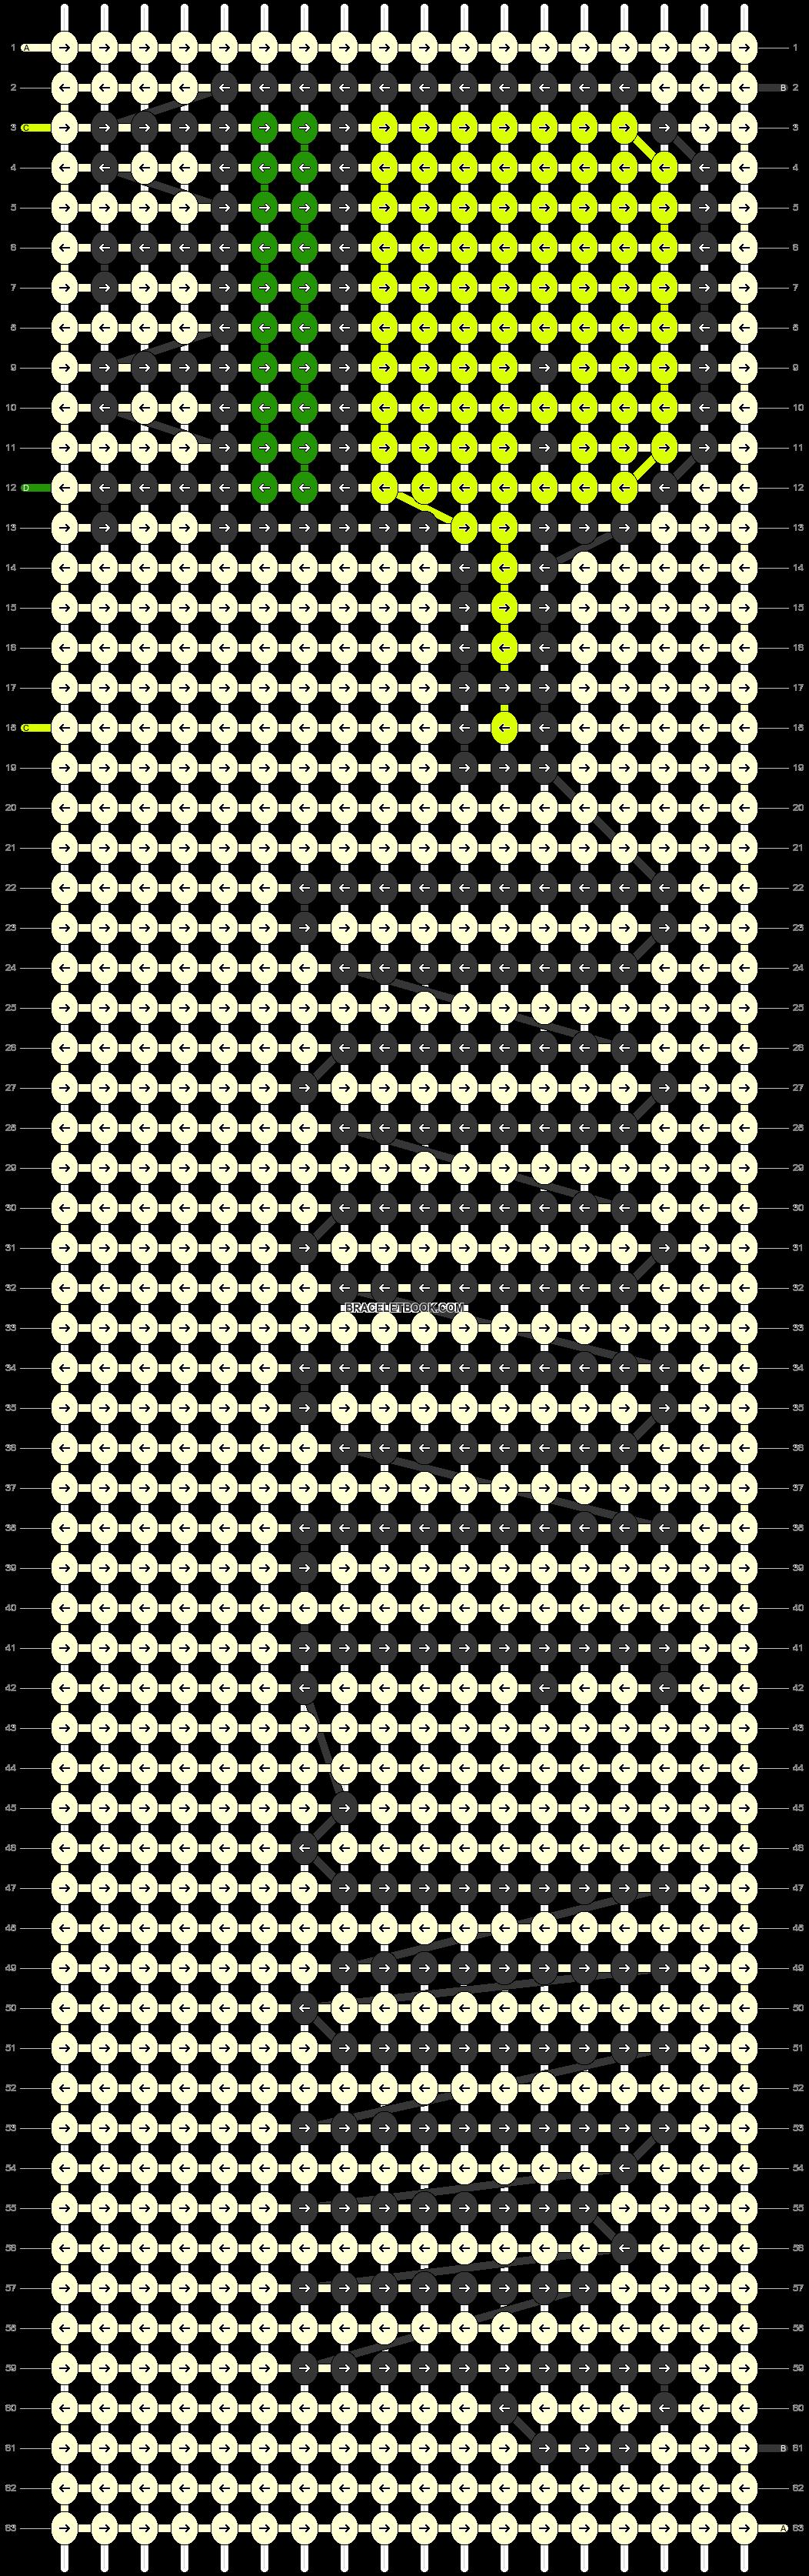 Alpha Pattern #11133 added by Adik